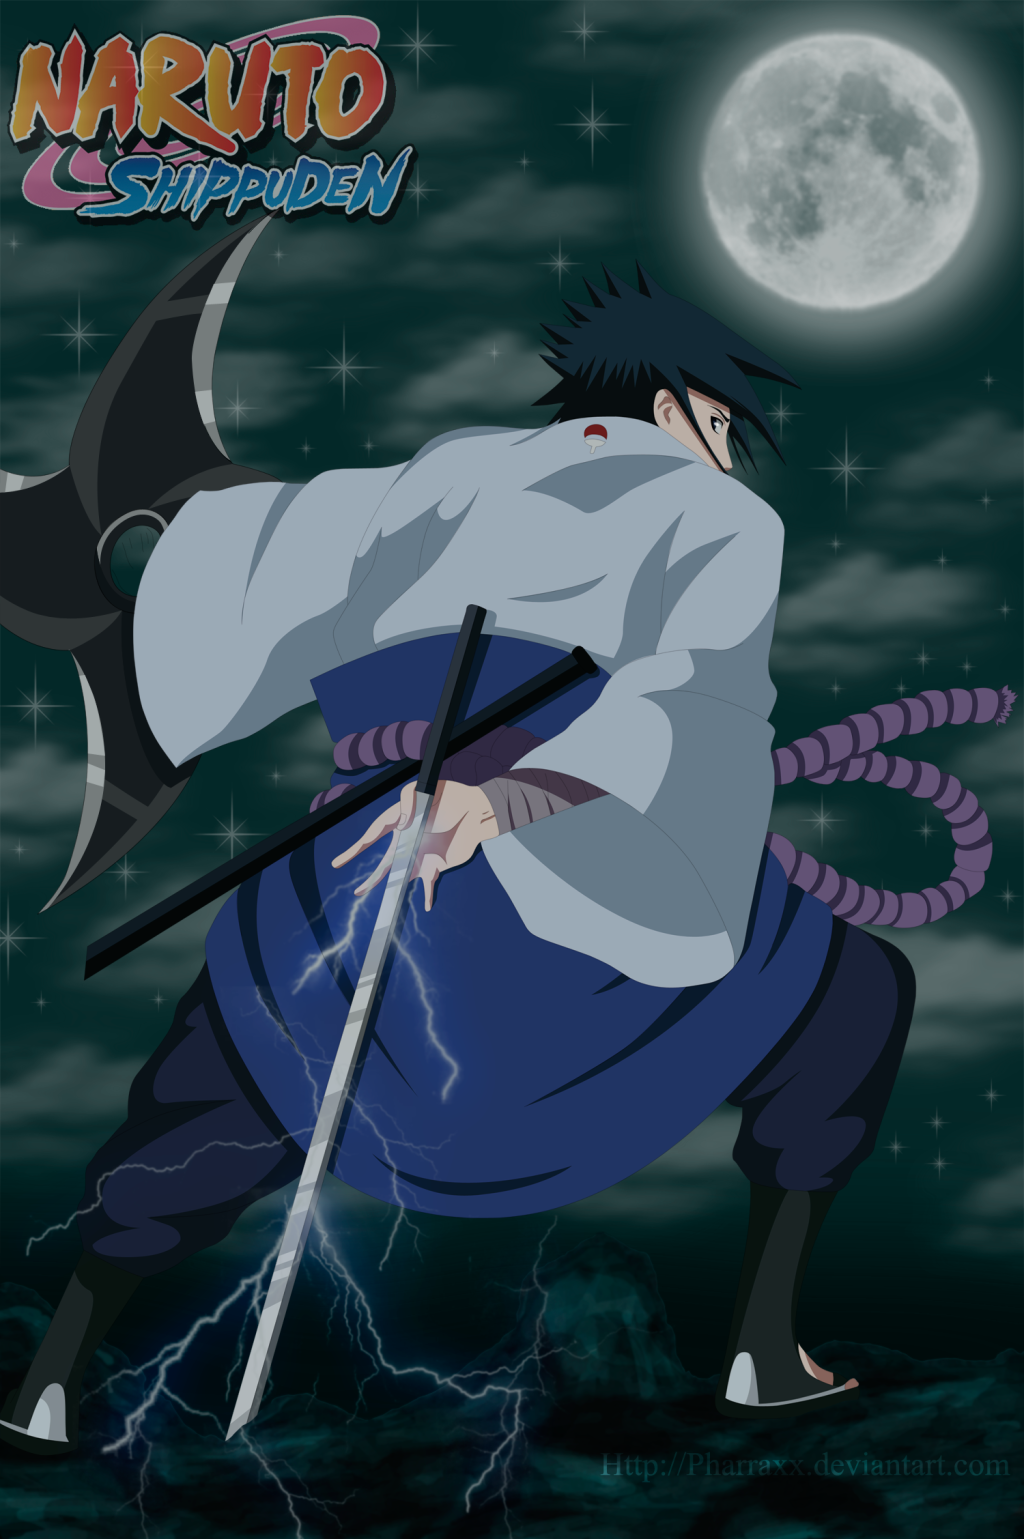 Prediksi Naruto Manga 627 Indonesia Fotos de naruto